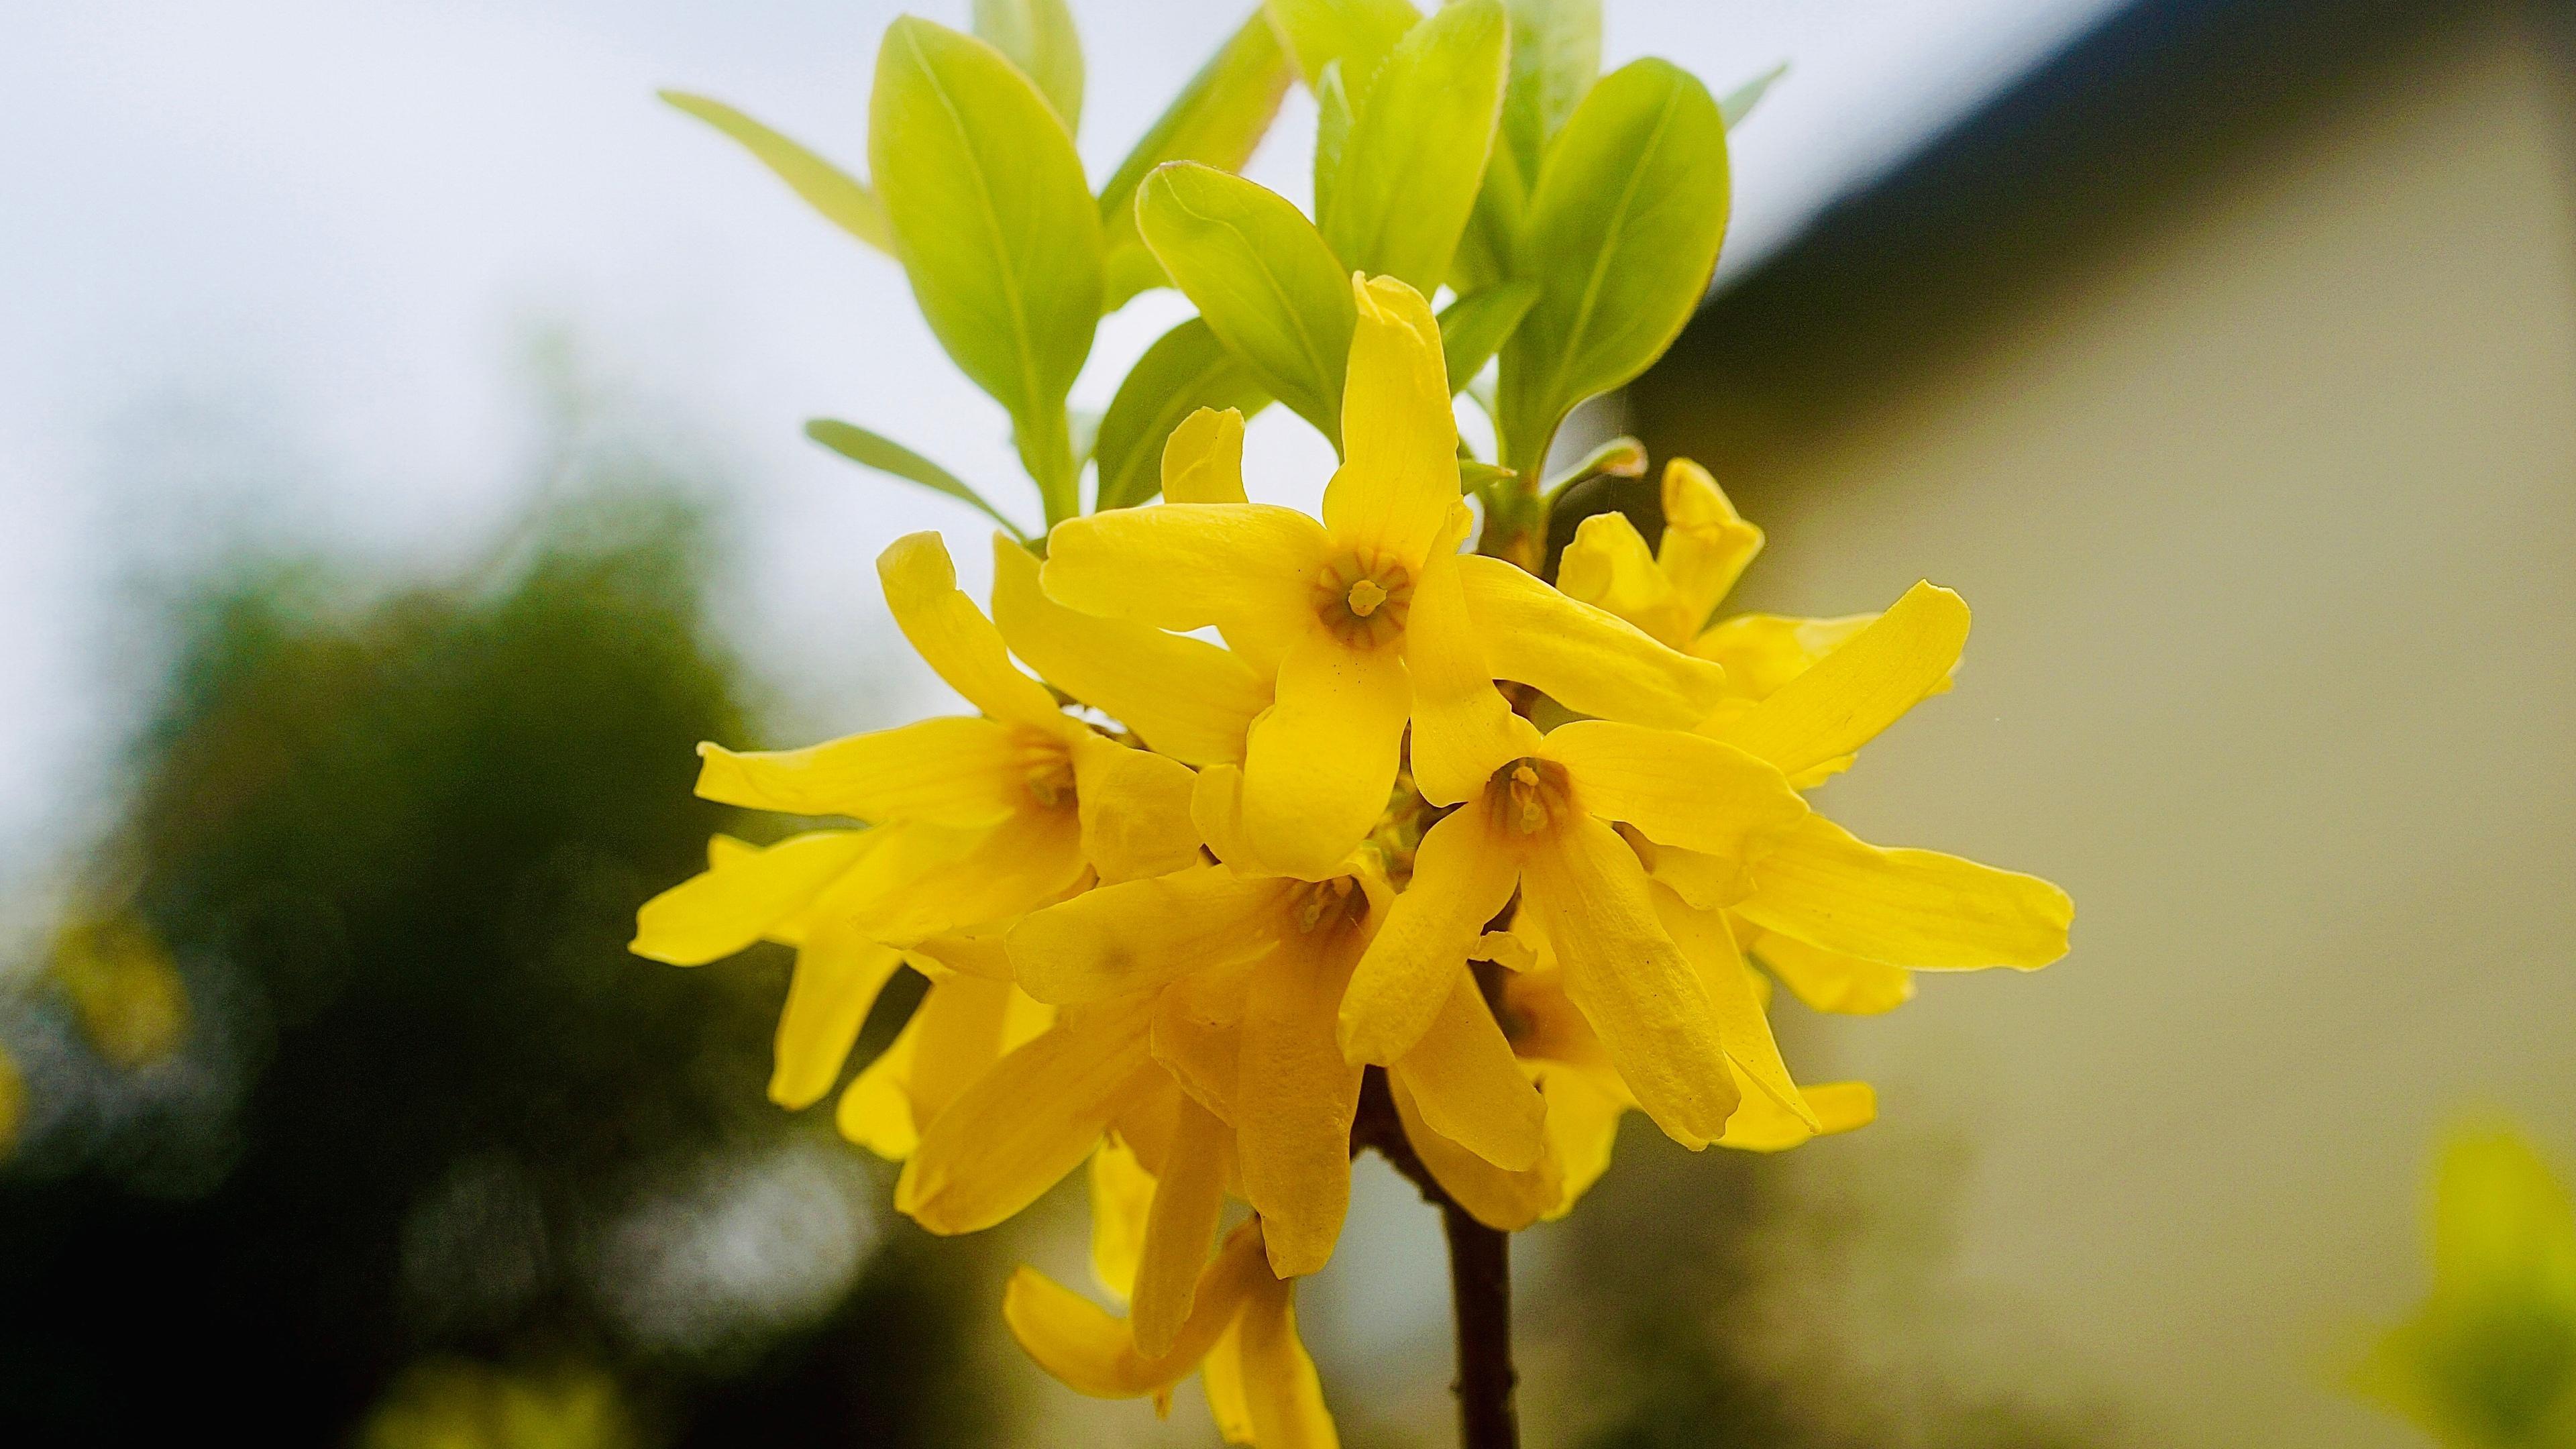 小清新,清新淡雅,,鲜艳,,黄色,,亮眼,,连翘金钟花